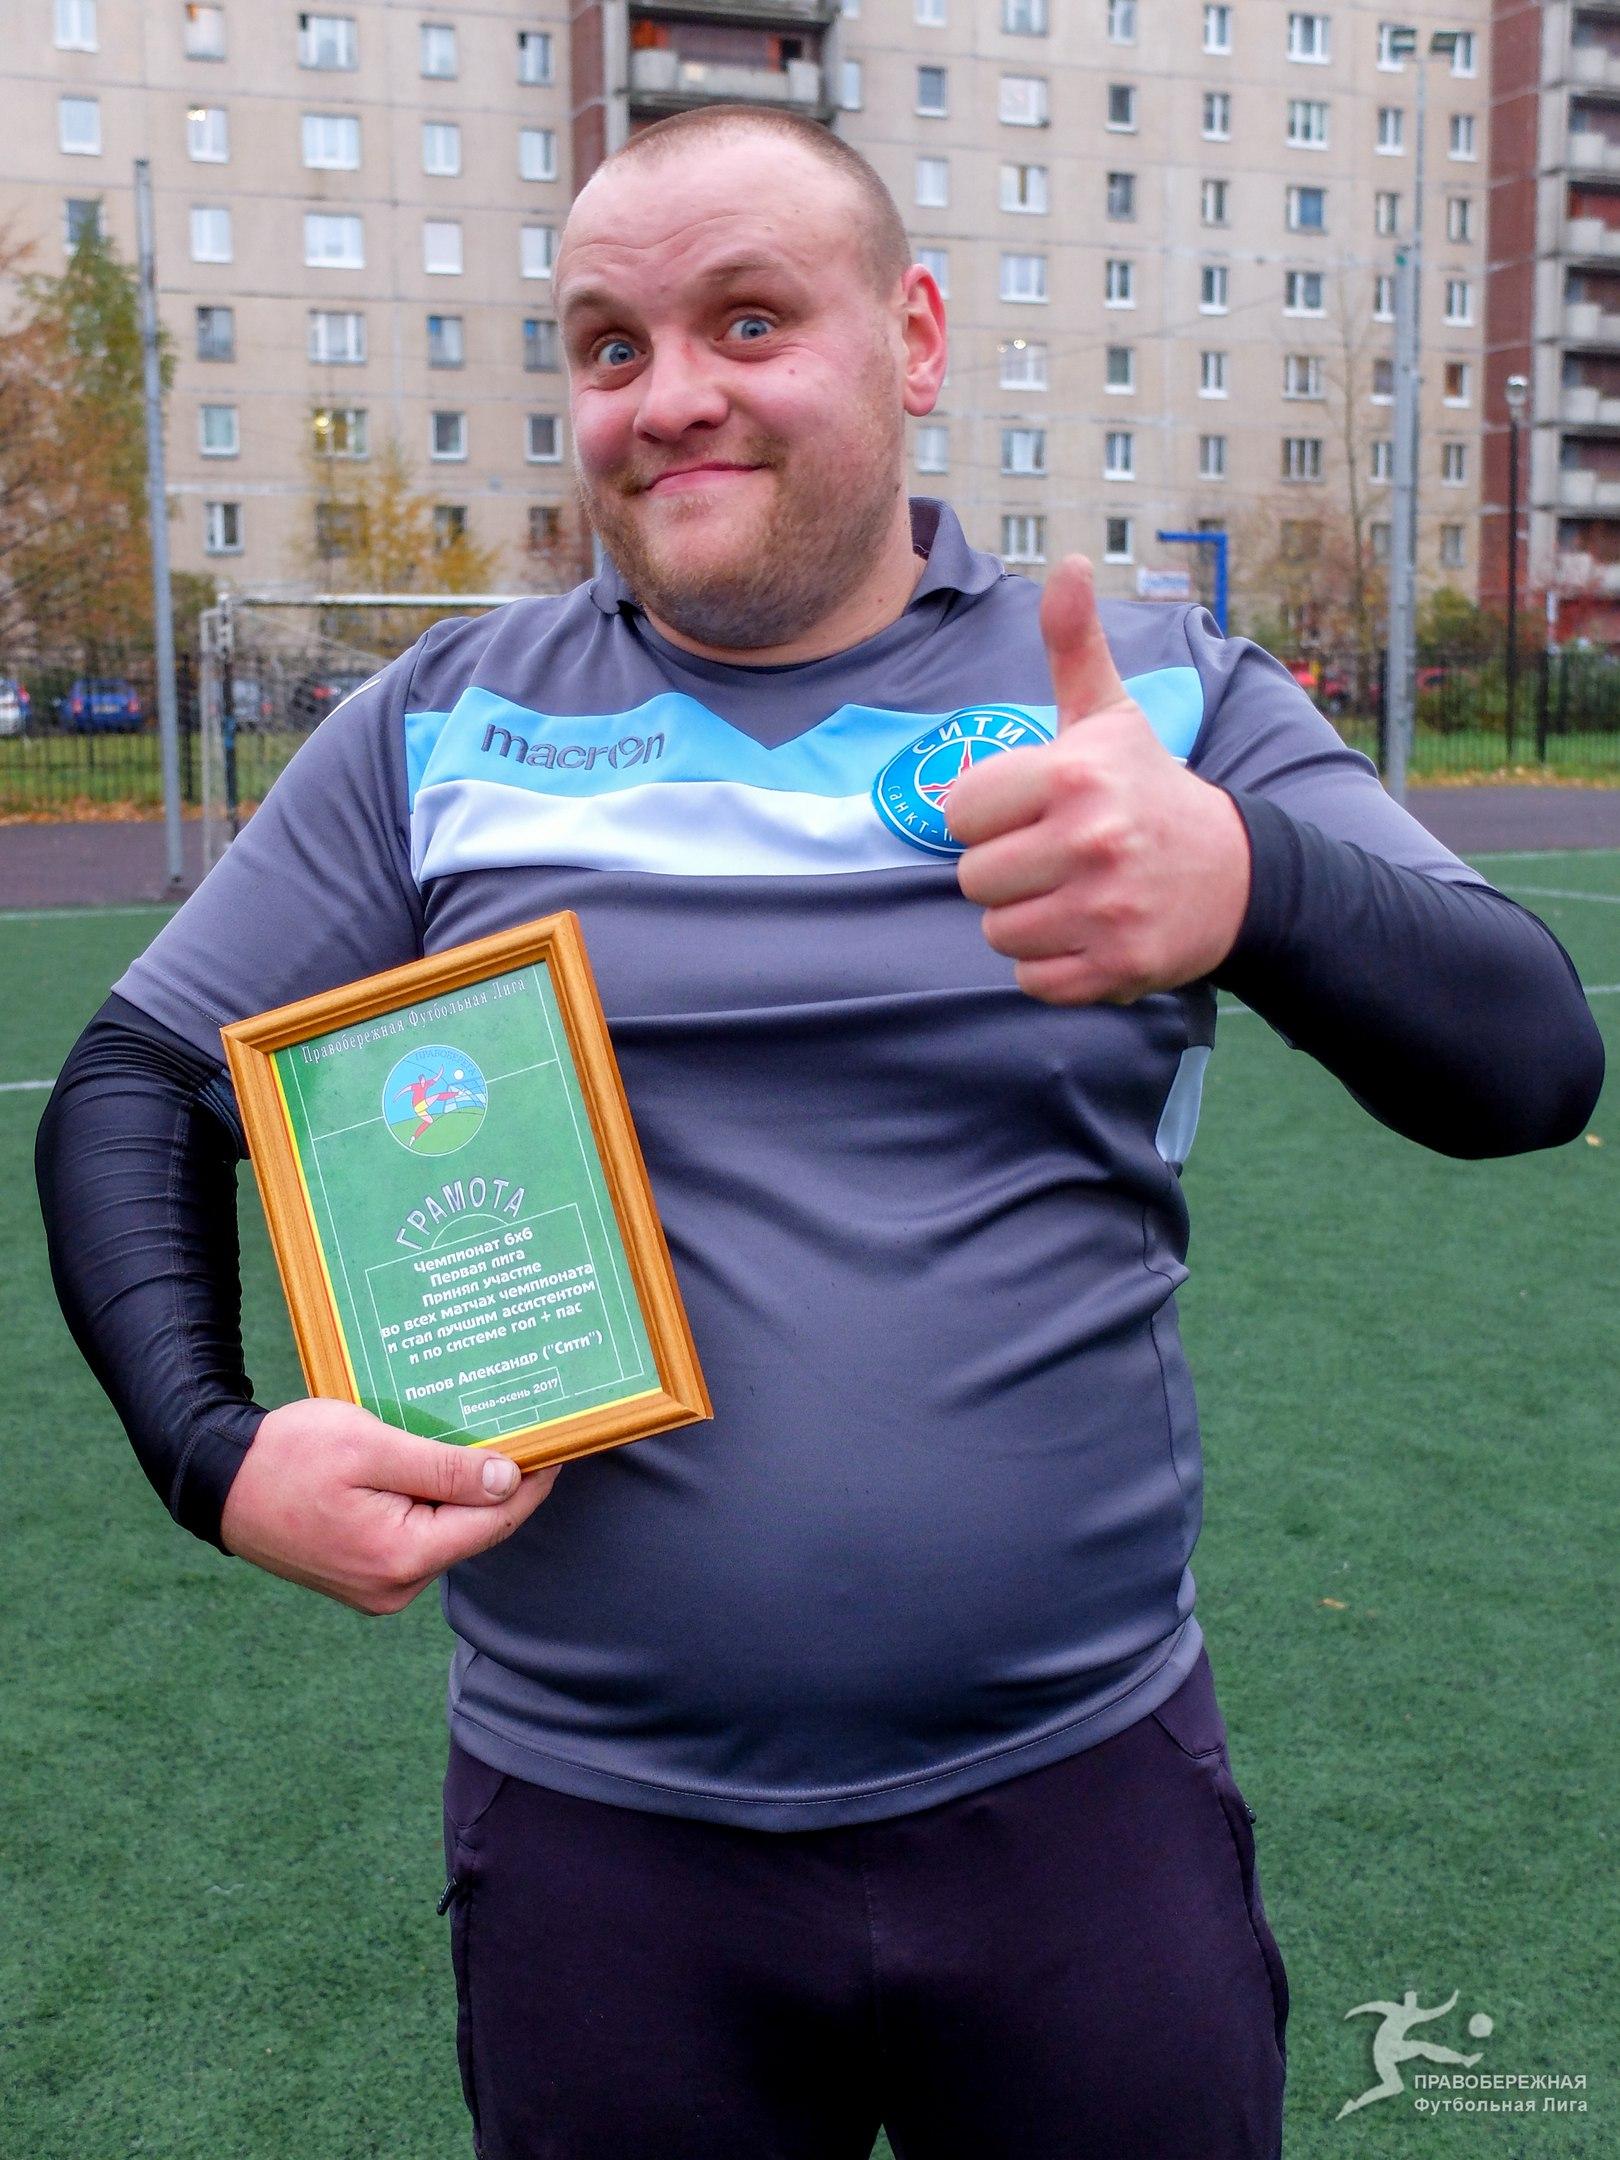 """Александр Попов (""""Сити"""") - принял участие во всех матчах чемпионата в Первой лиге 6х6, стал лучшим ассистентом и по системе гол + пас."""